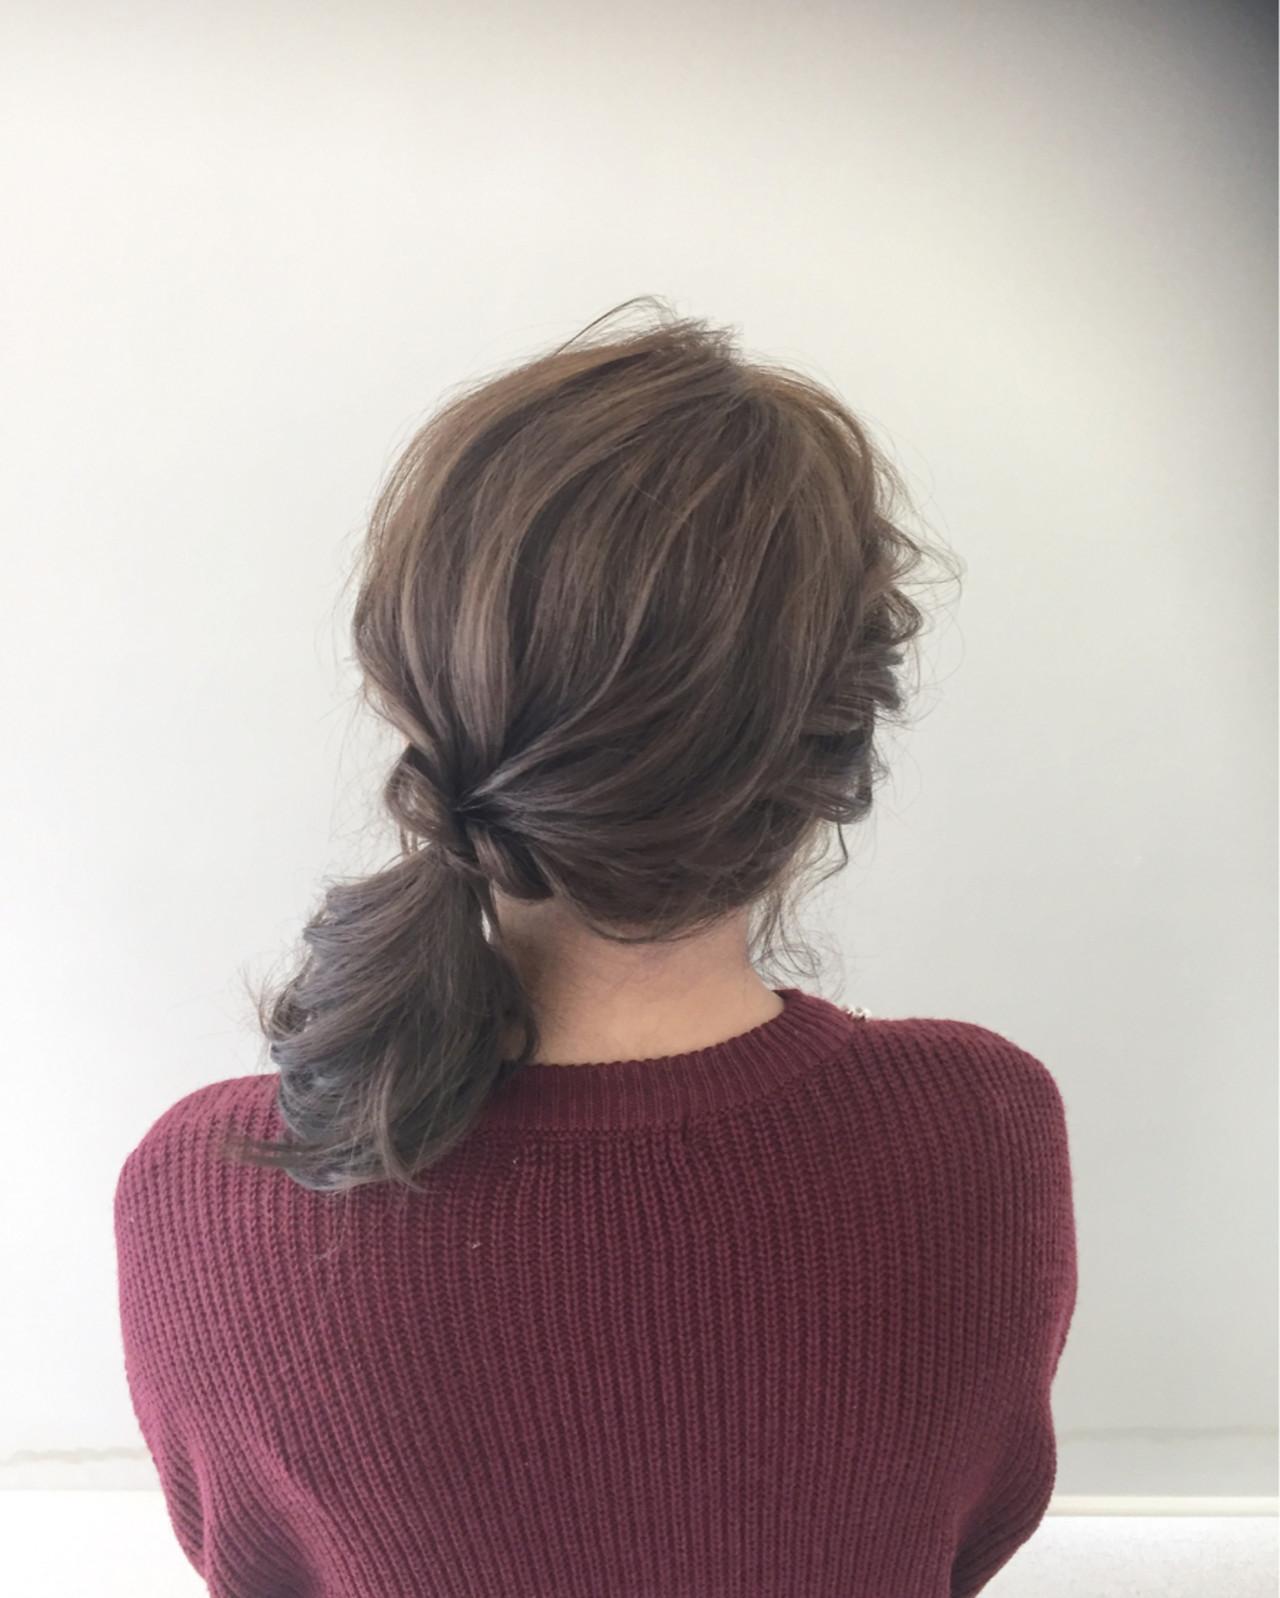 ローポニーテール ヘアアレンジ 簡単ヘアアレンジ 大人女子 ヘアスタイルや髪型の写真・画像